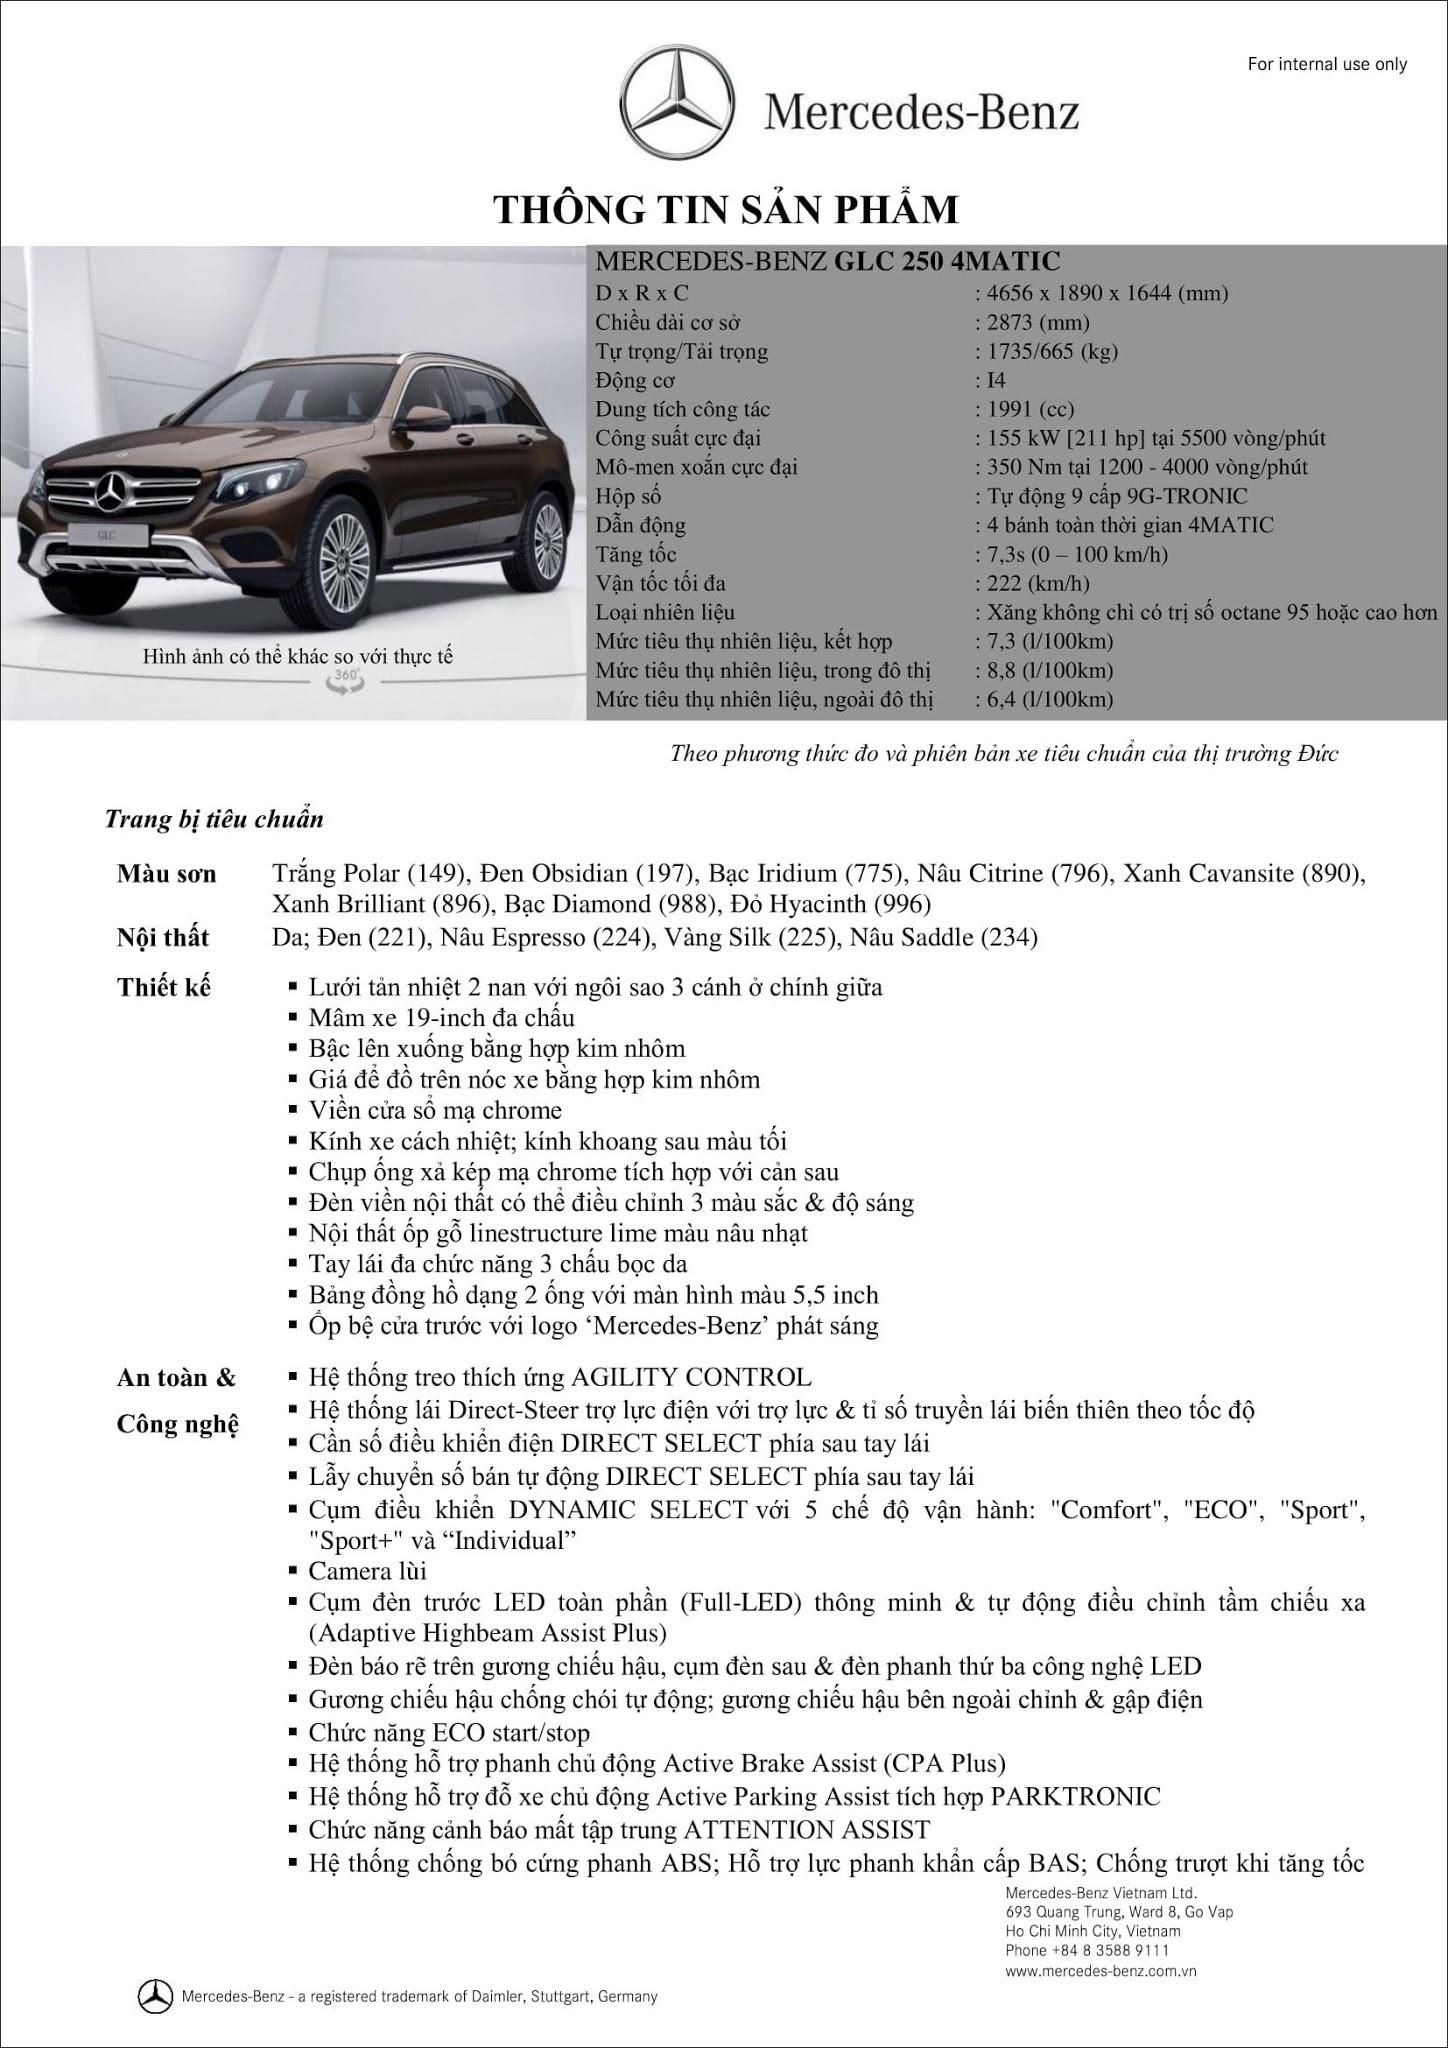 Bảng thông số kỹ thuật Mercedes GLC 250 4MATIC 2019 mới nhất từ Mercedes Việt Nam